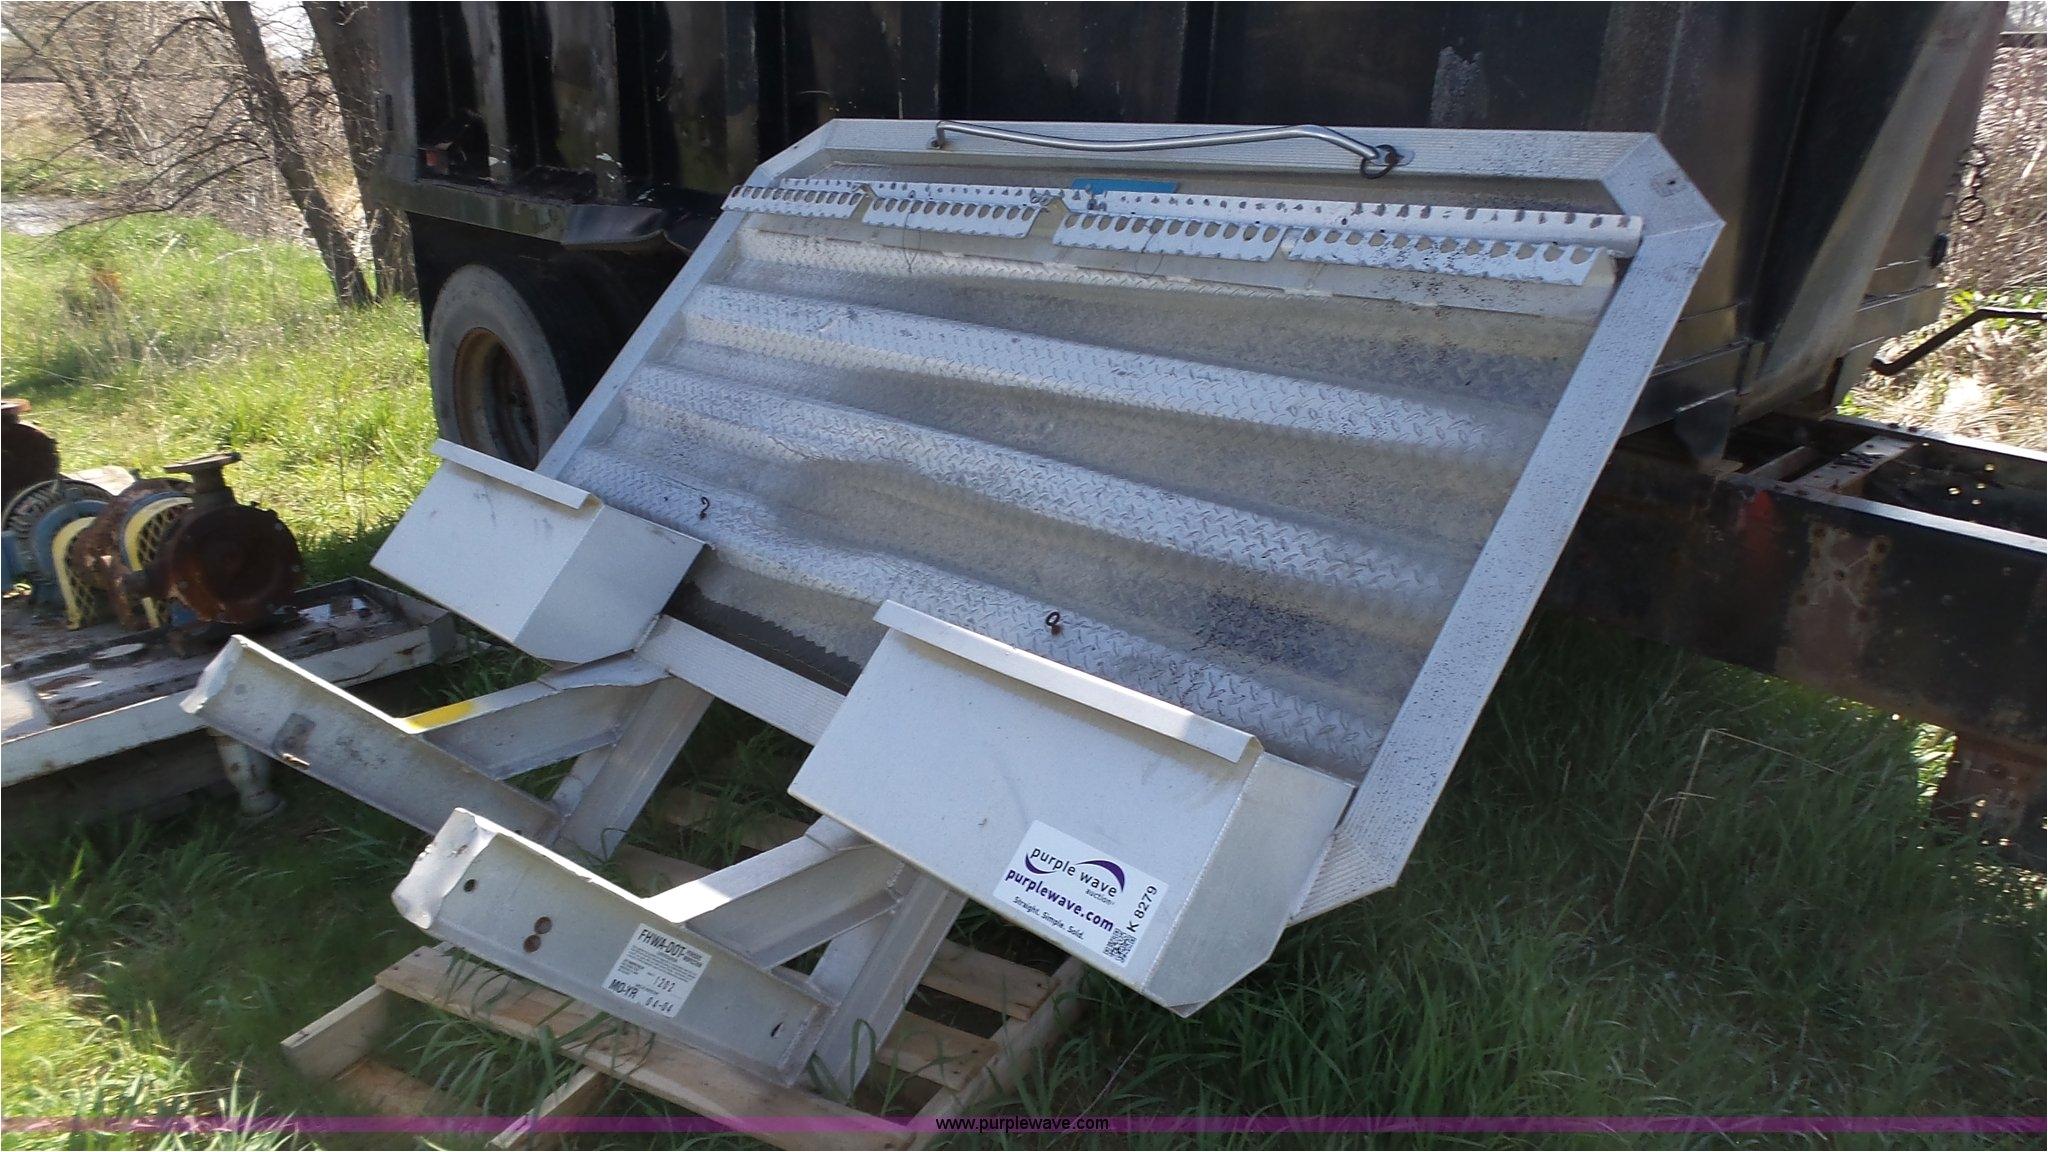 k8279 image for item k8279 merritt aluminum headache rack